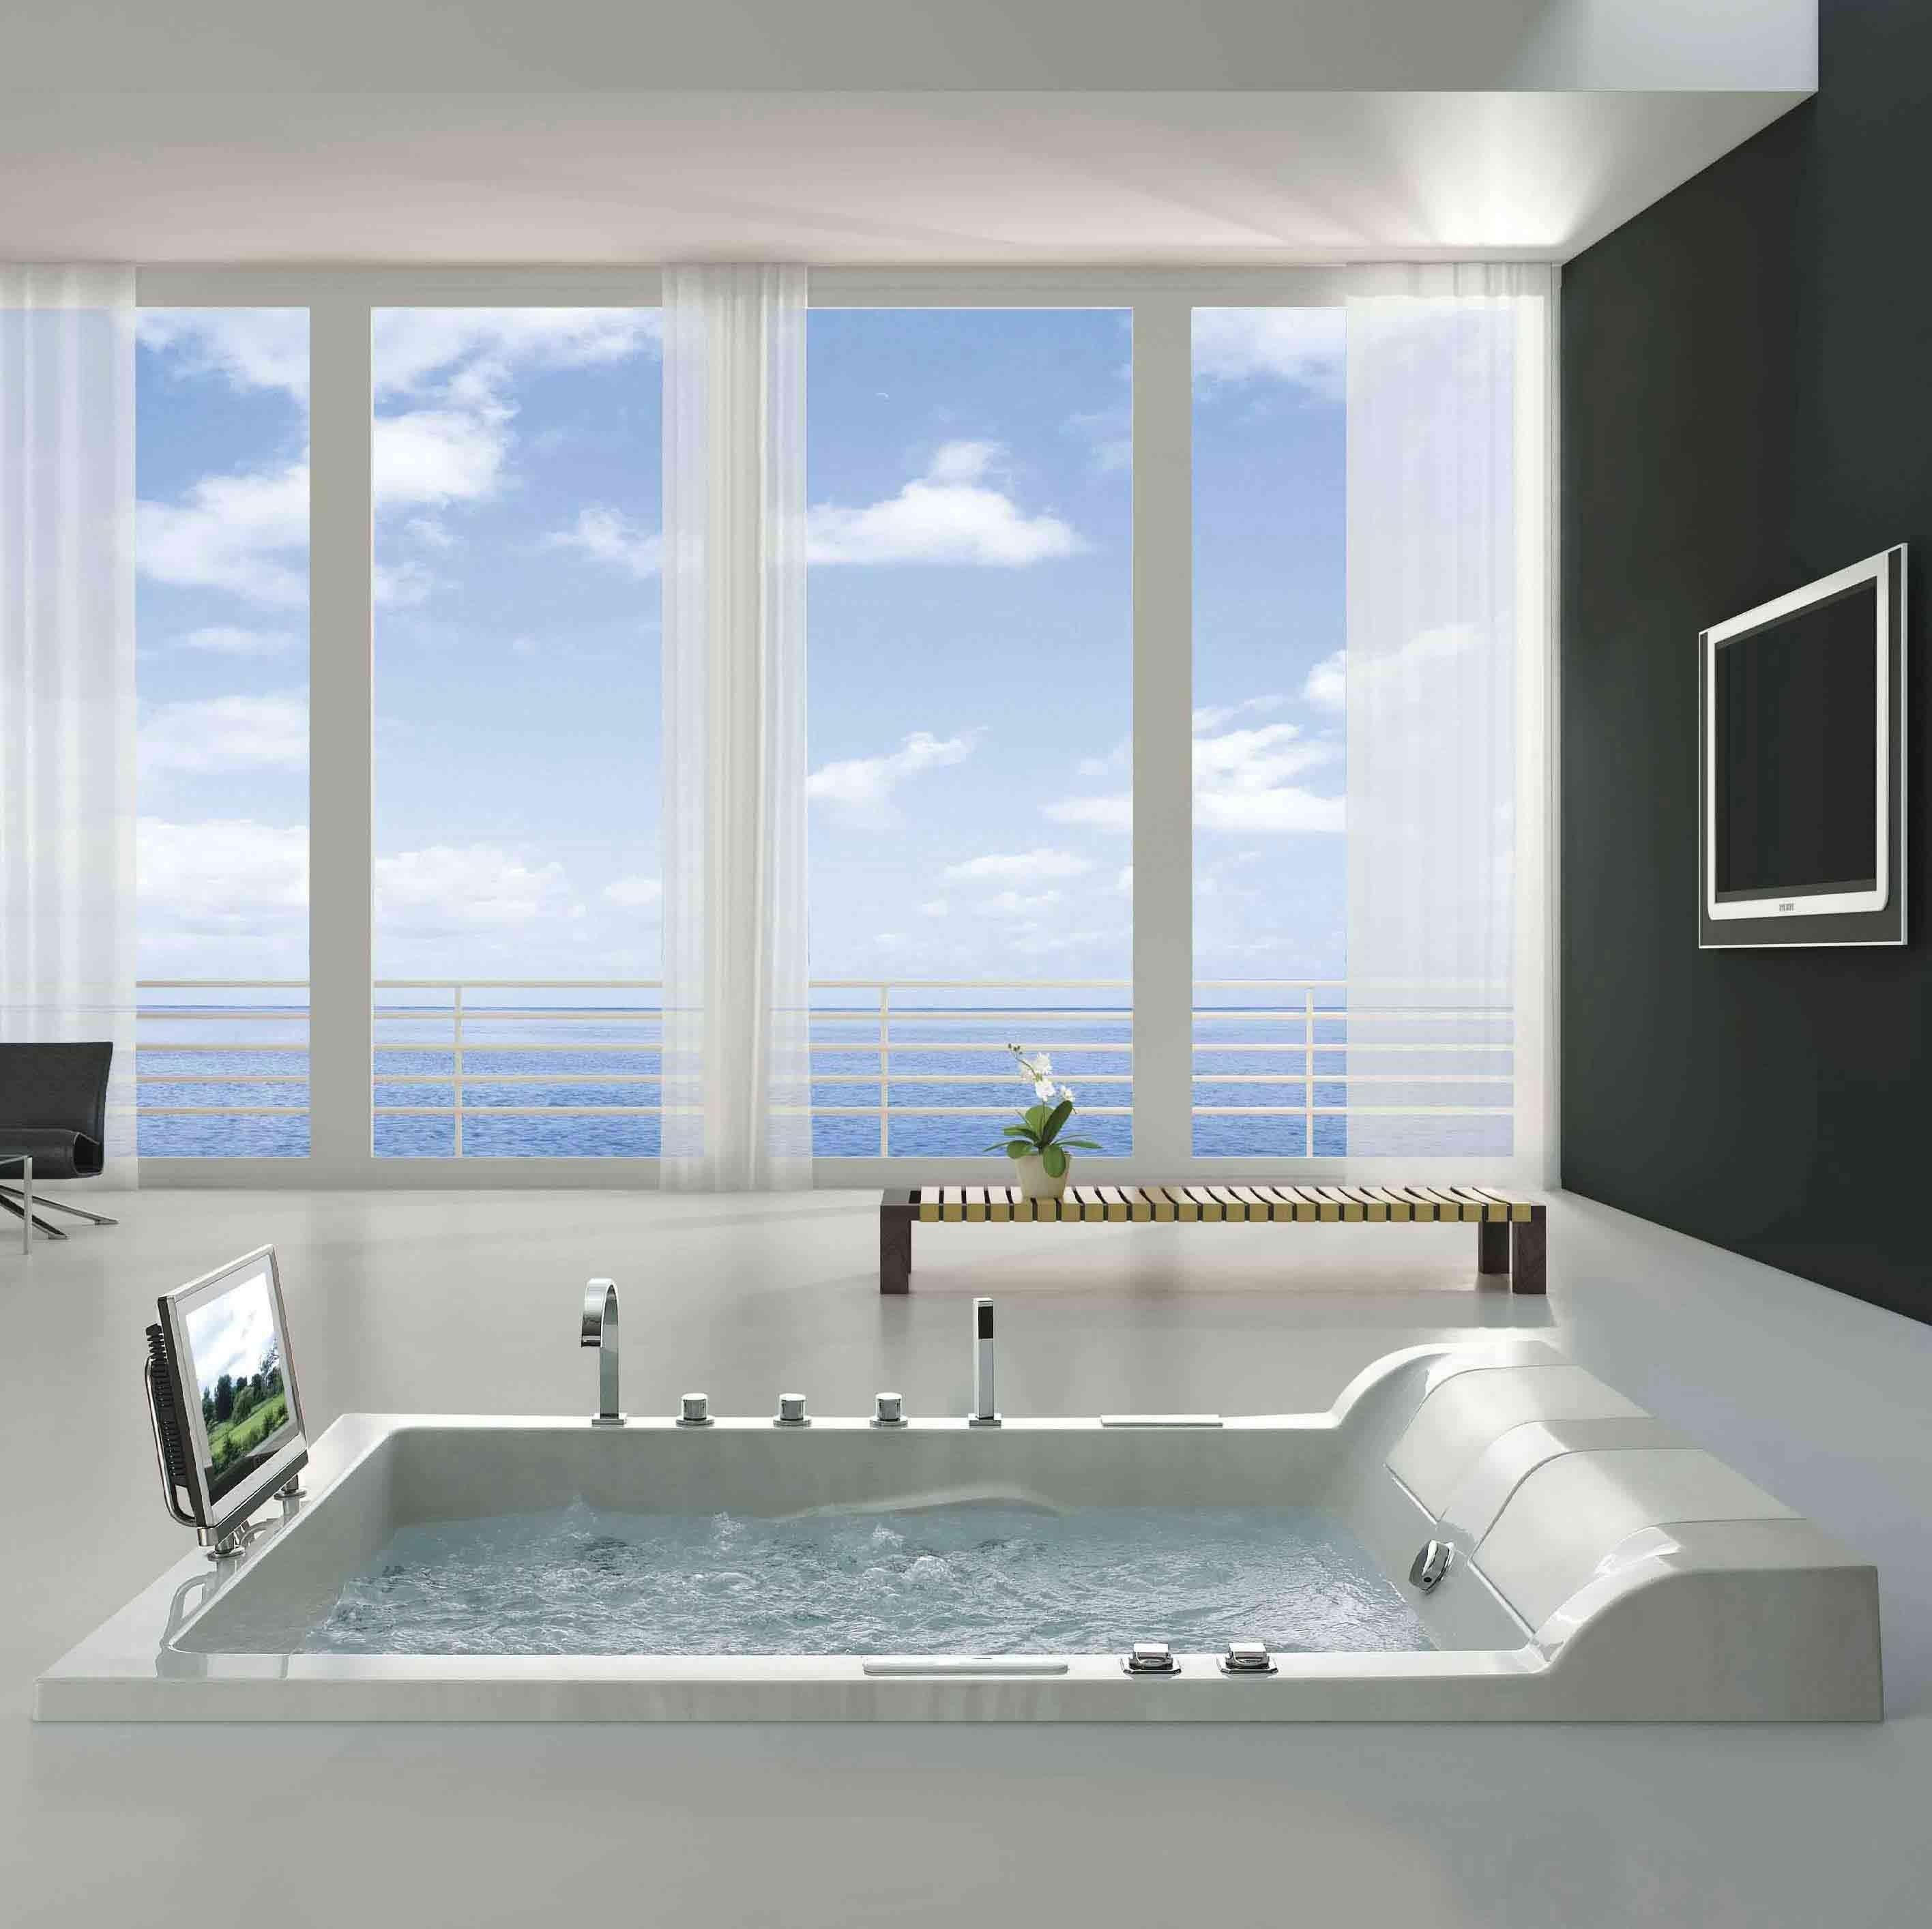 Faszinierende Luxus Badewannen Und Freistehende Whirlpool Wanne